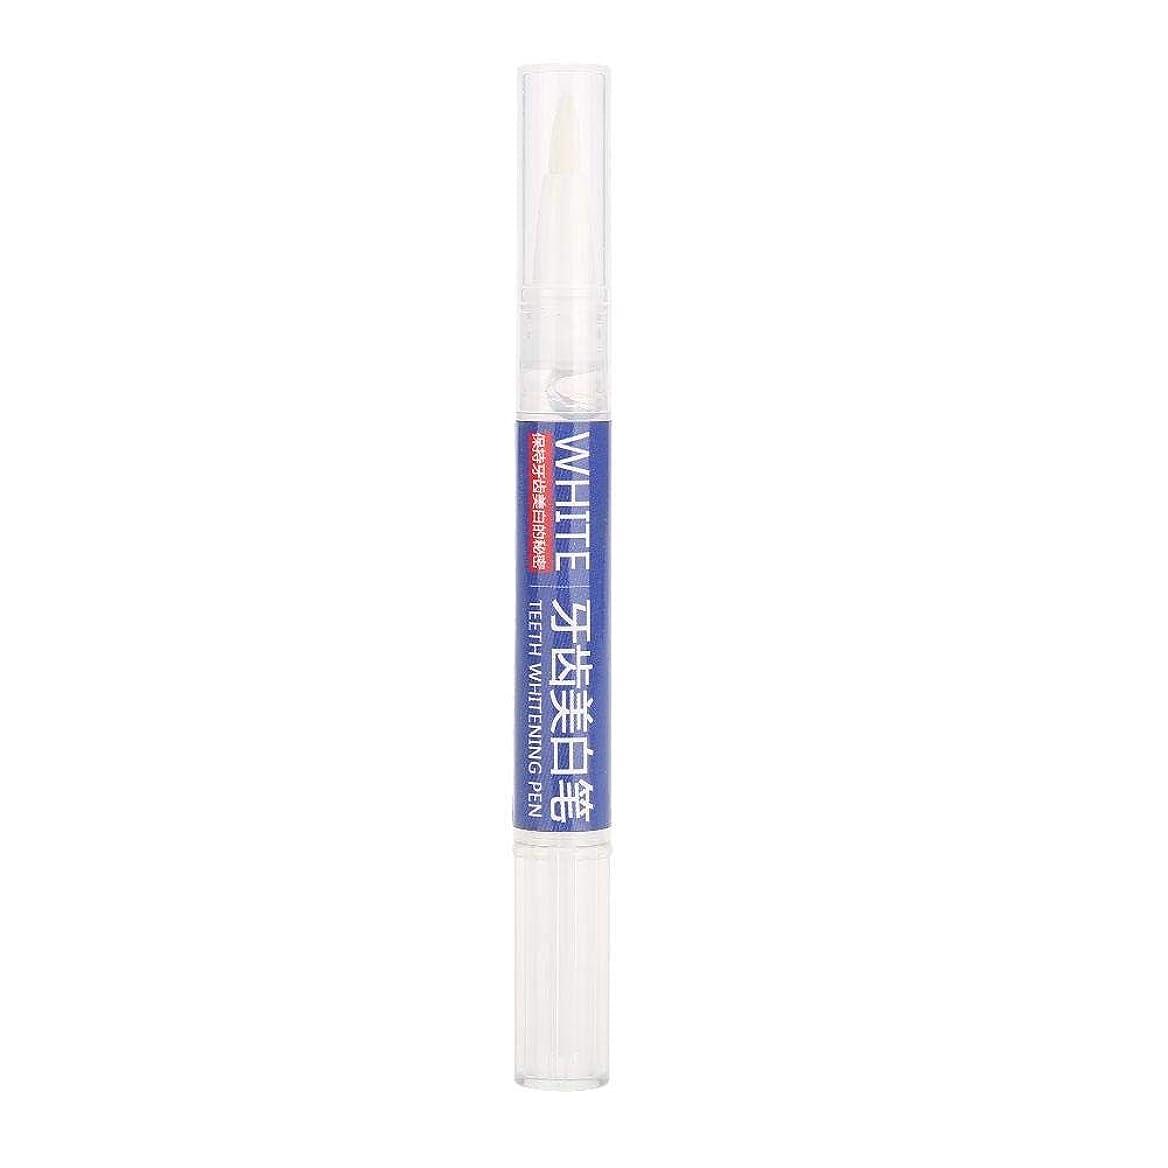 欠乏これまで破壊的なホワイトニングトゥースペン3mlイエロートゥースシガレット汚れ除去ホワイトニングホワイトニングトゥースジェルペン